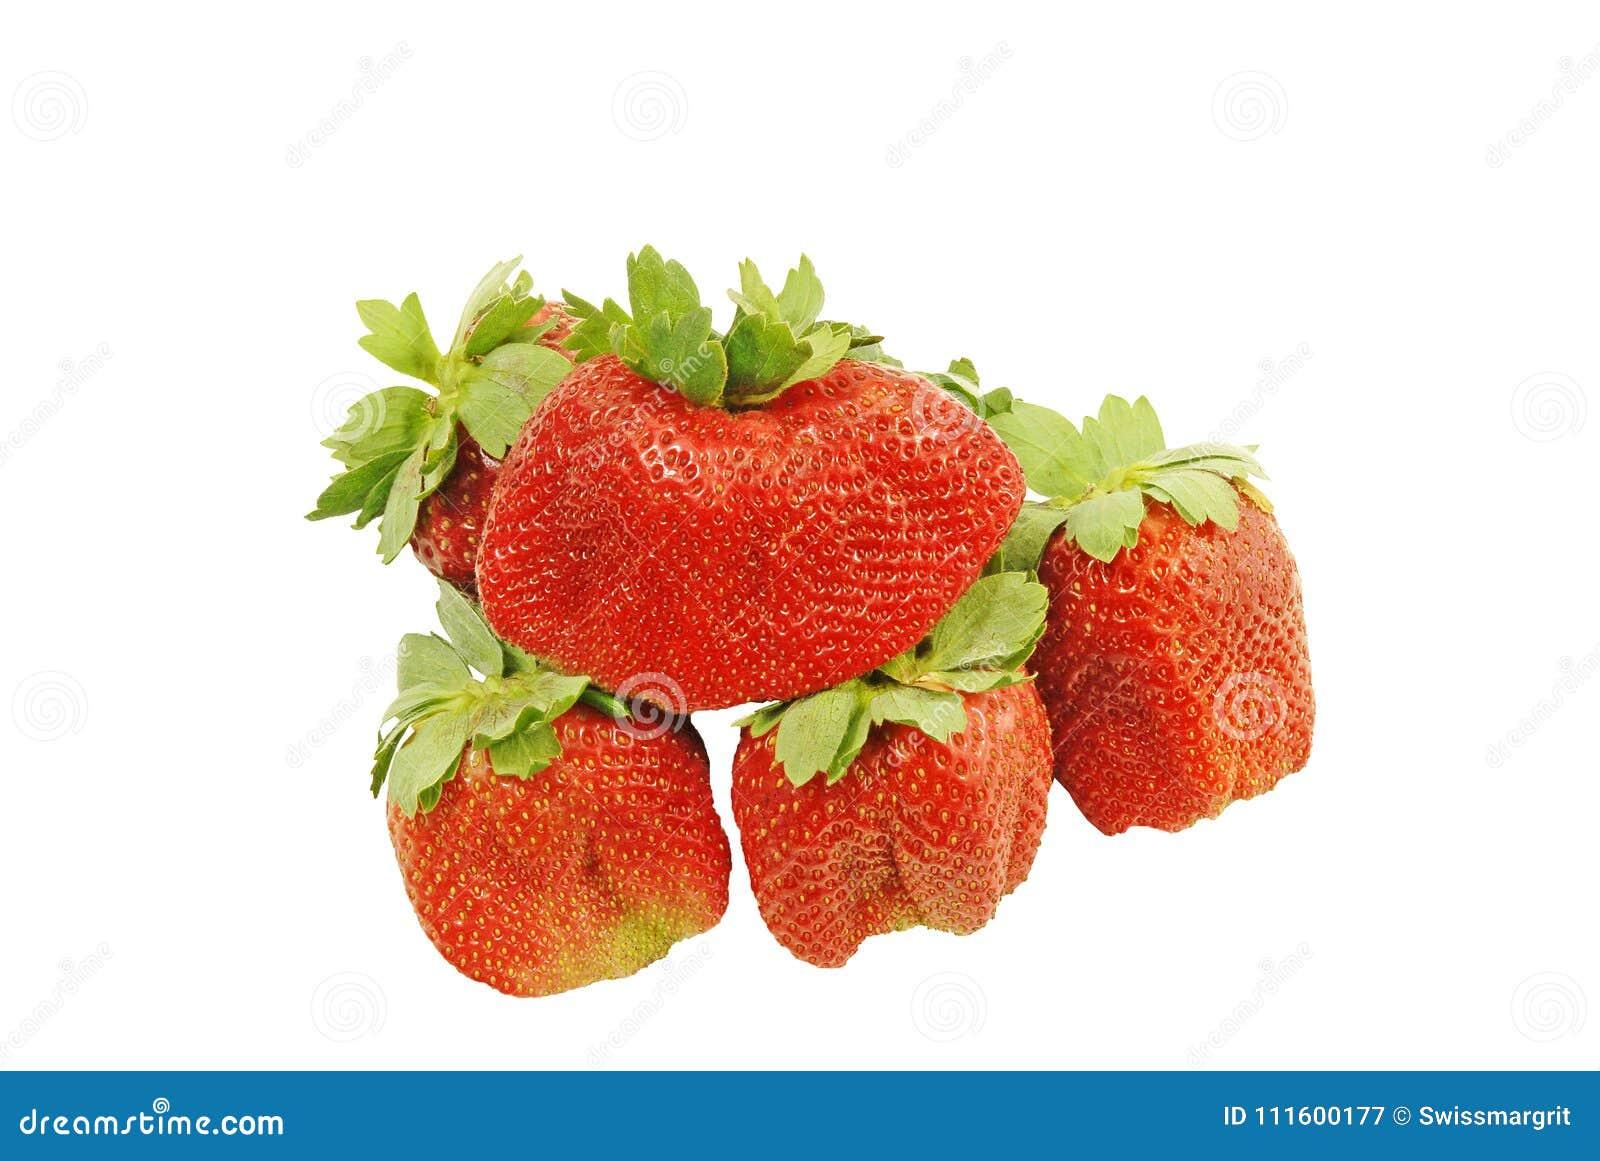 Große süße saftige aromatische Erdbeeren bereit gegessen zu werden